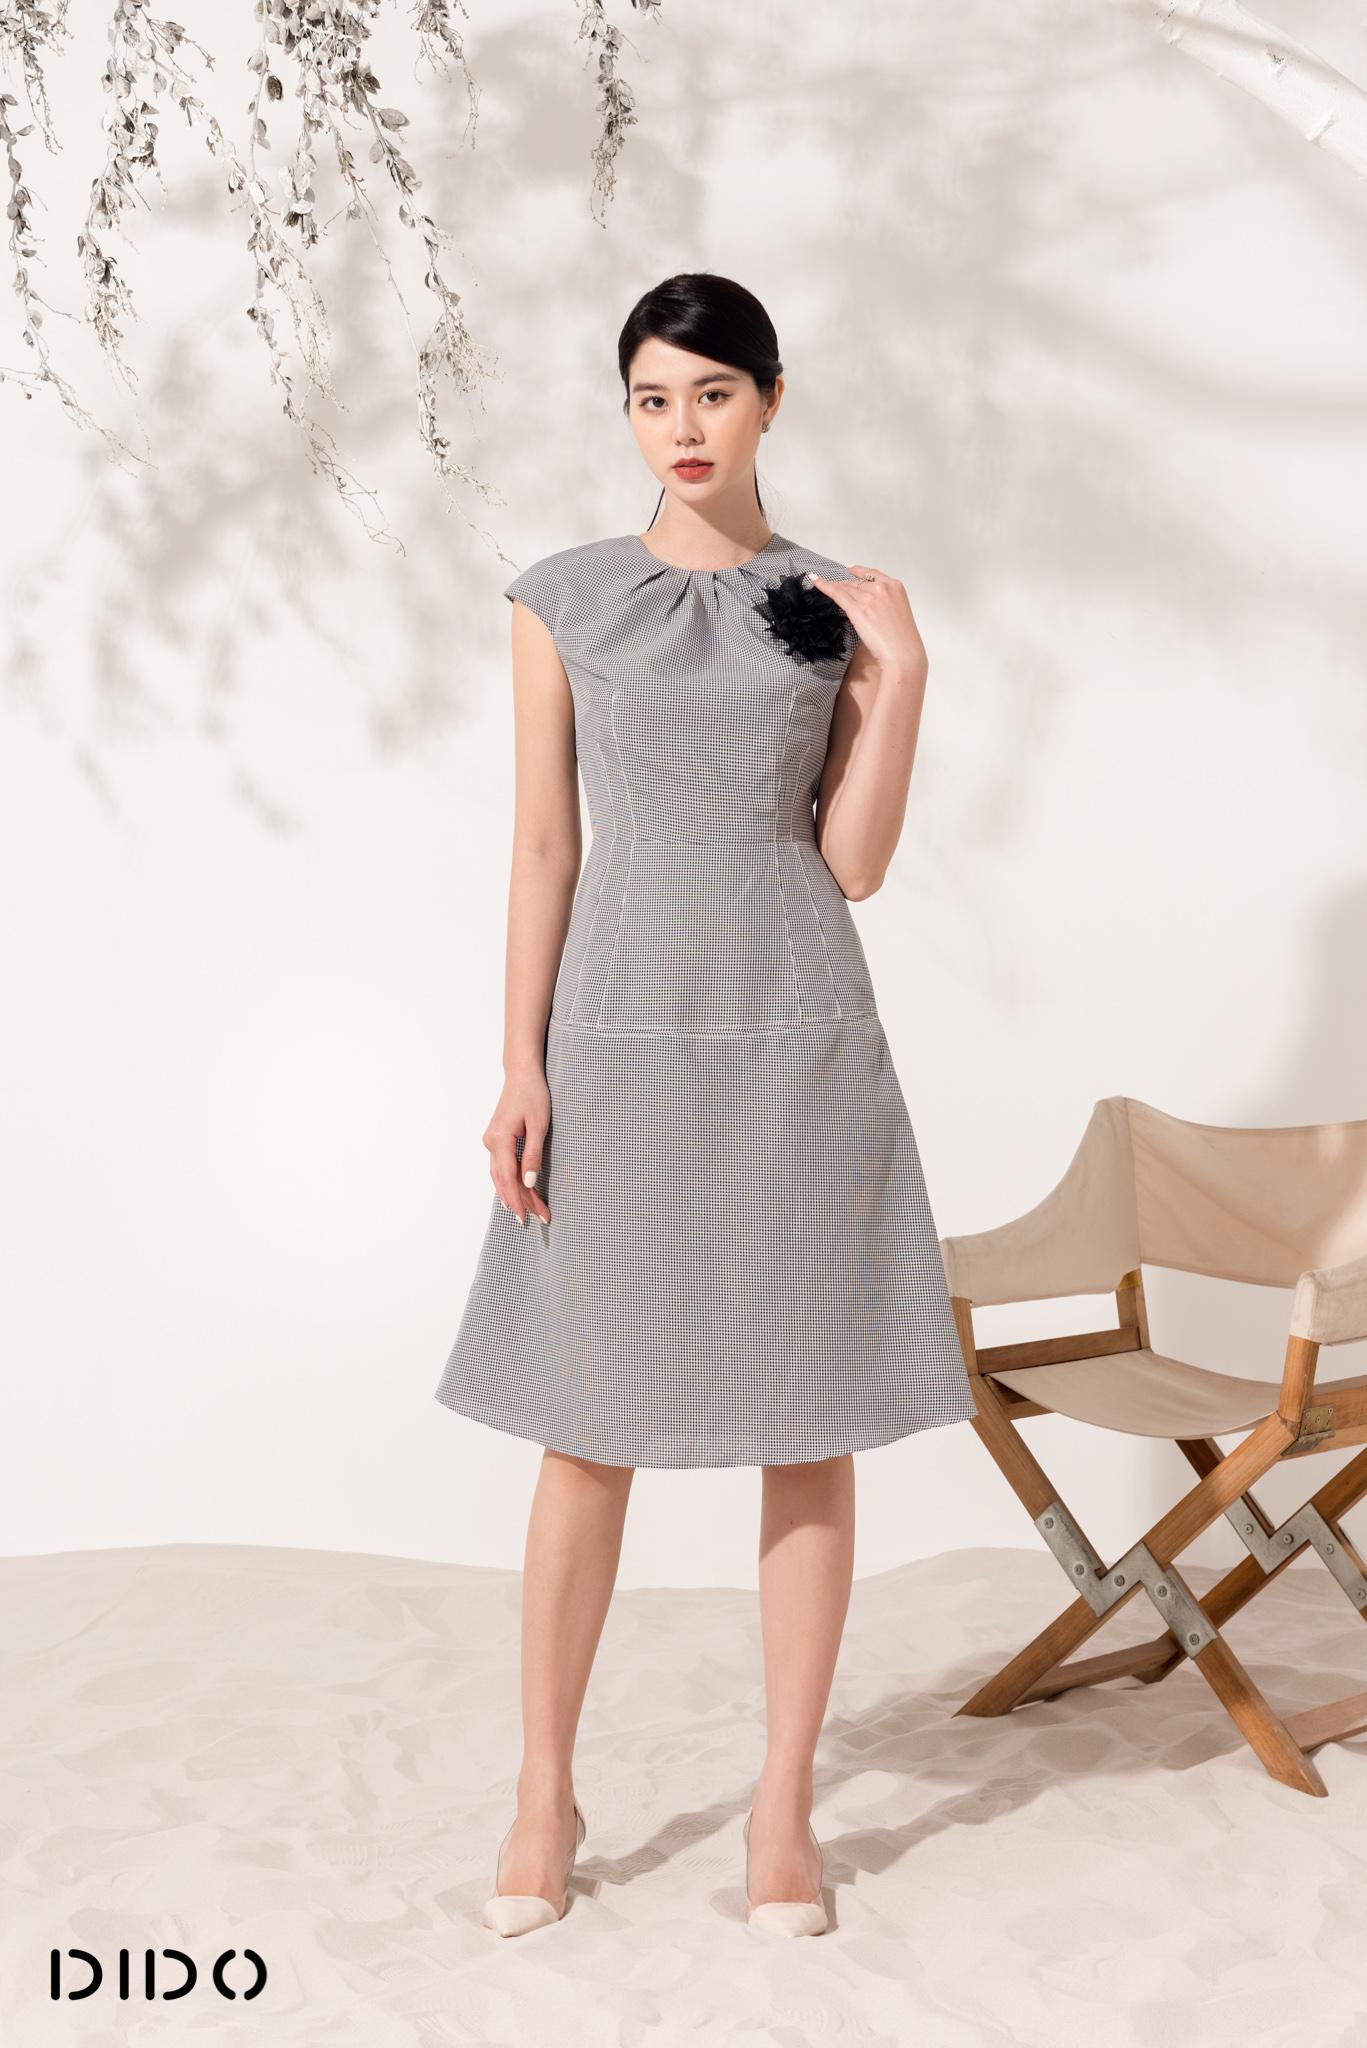 Váy Xếp Ly Cổ Kẻ Trắng Đen - Nữ